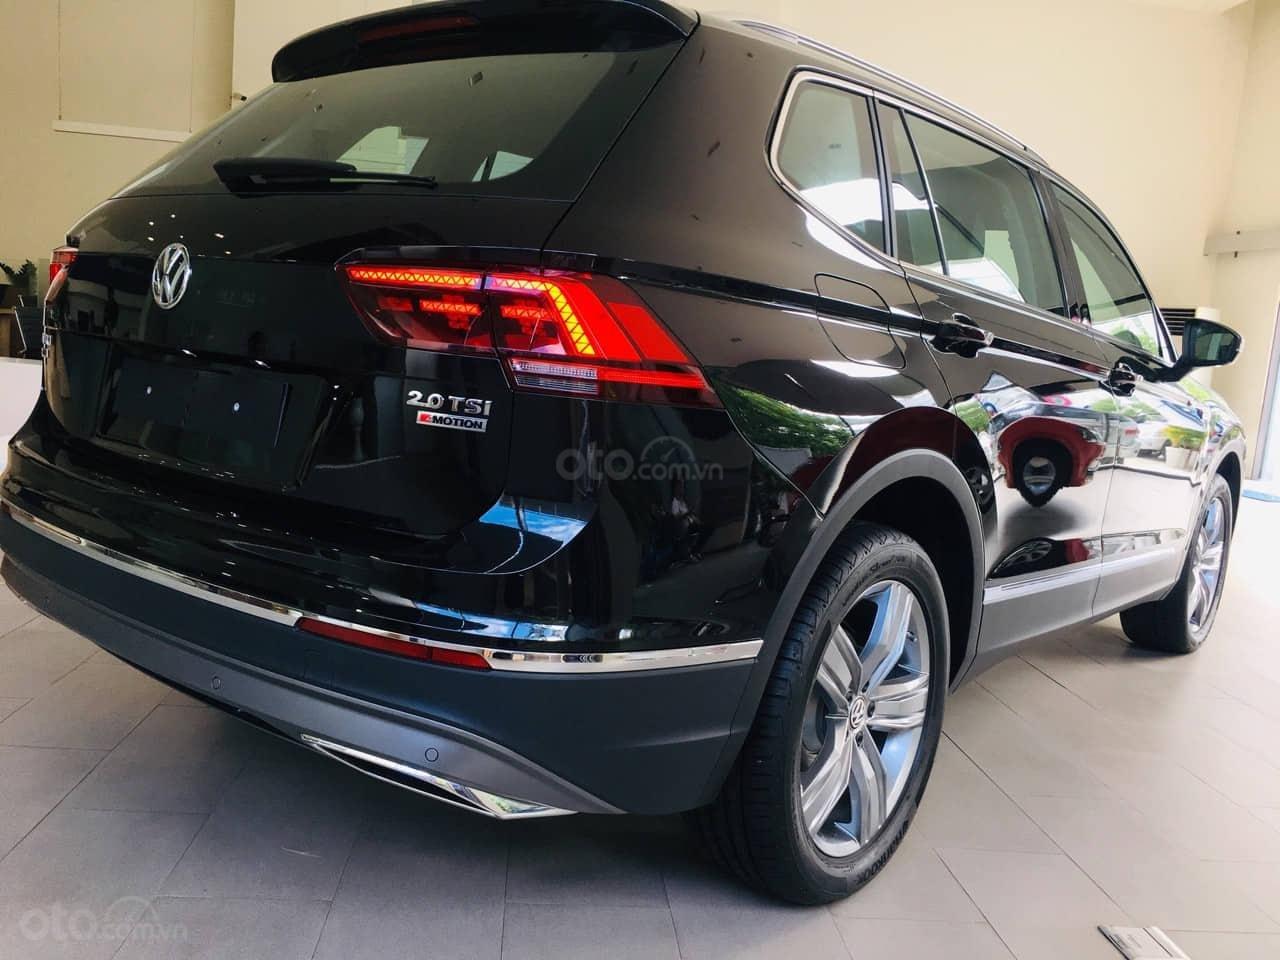 Bán Volkswagen Tiguan Allspace năm 2019, màu đen, nhập khẩu nguyên chiếc (4)